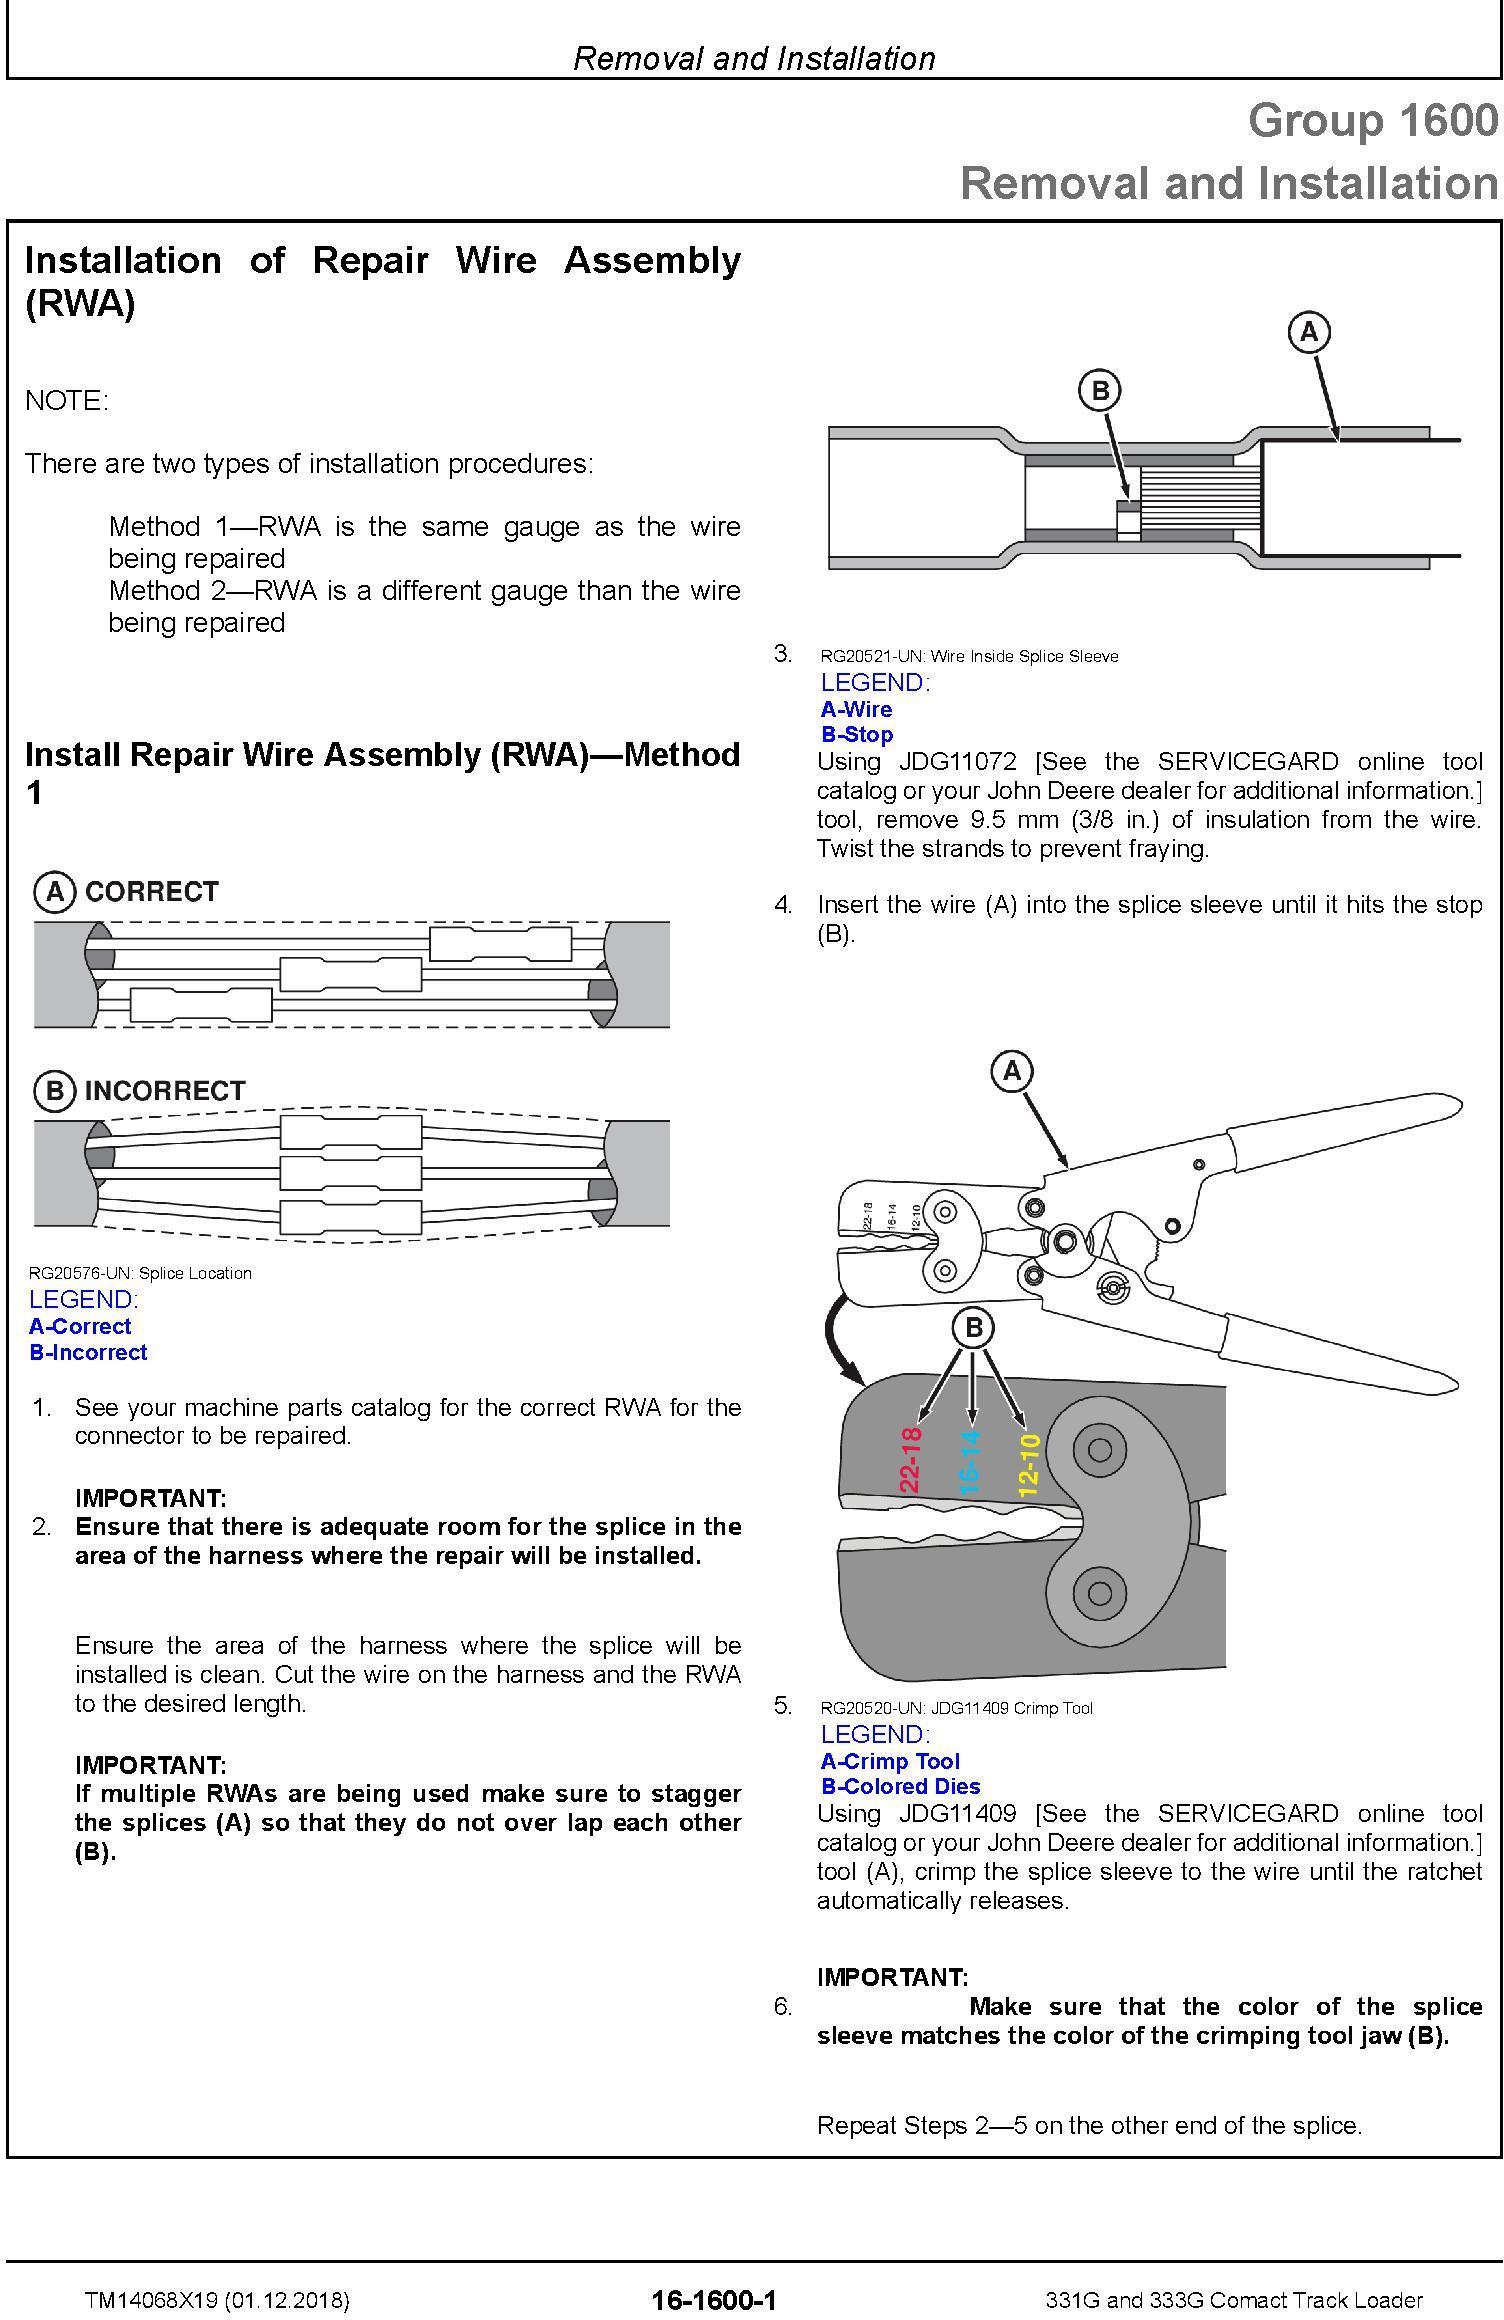 John Deere 331G and 333G Comact Track Loader Repair Service Manual (TM14068X19) - 3